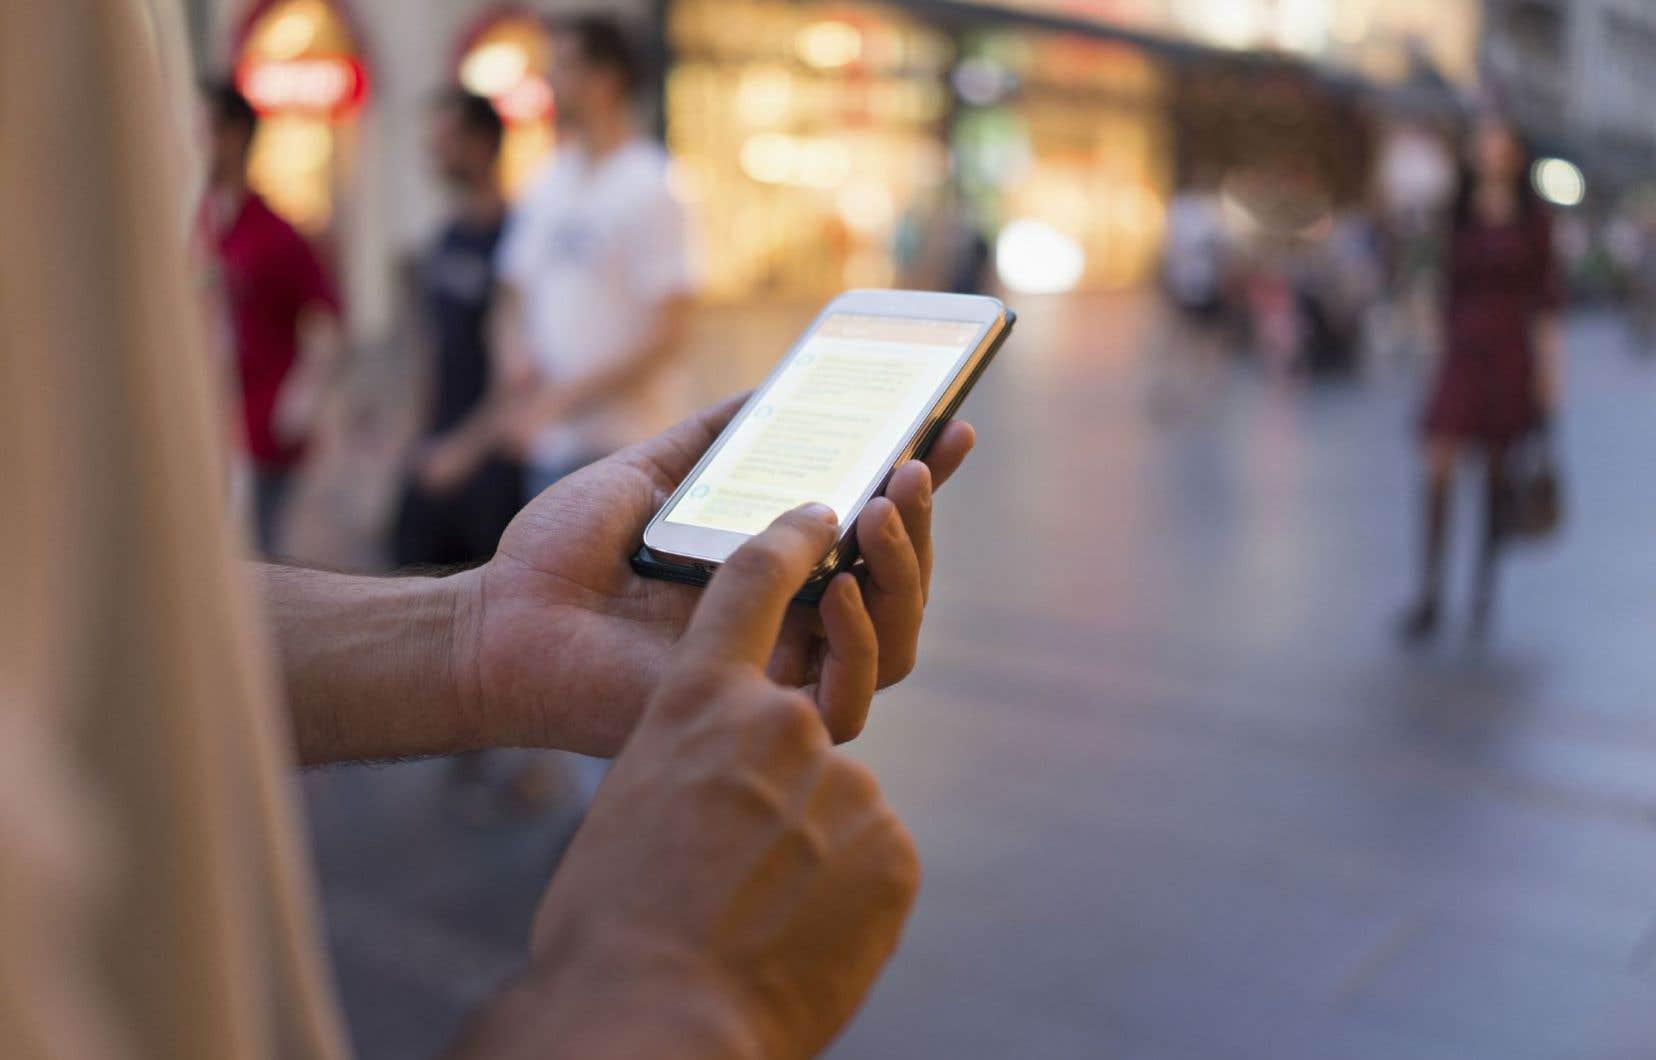 De nombreux robots participent aux courses électorales, comme le logiciel Democratik, qui propose une liste d'électeurs modifiable à l'aide d'un téléphone intelligent.